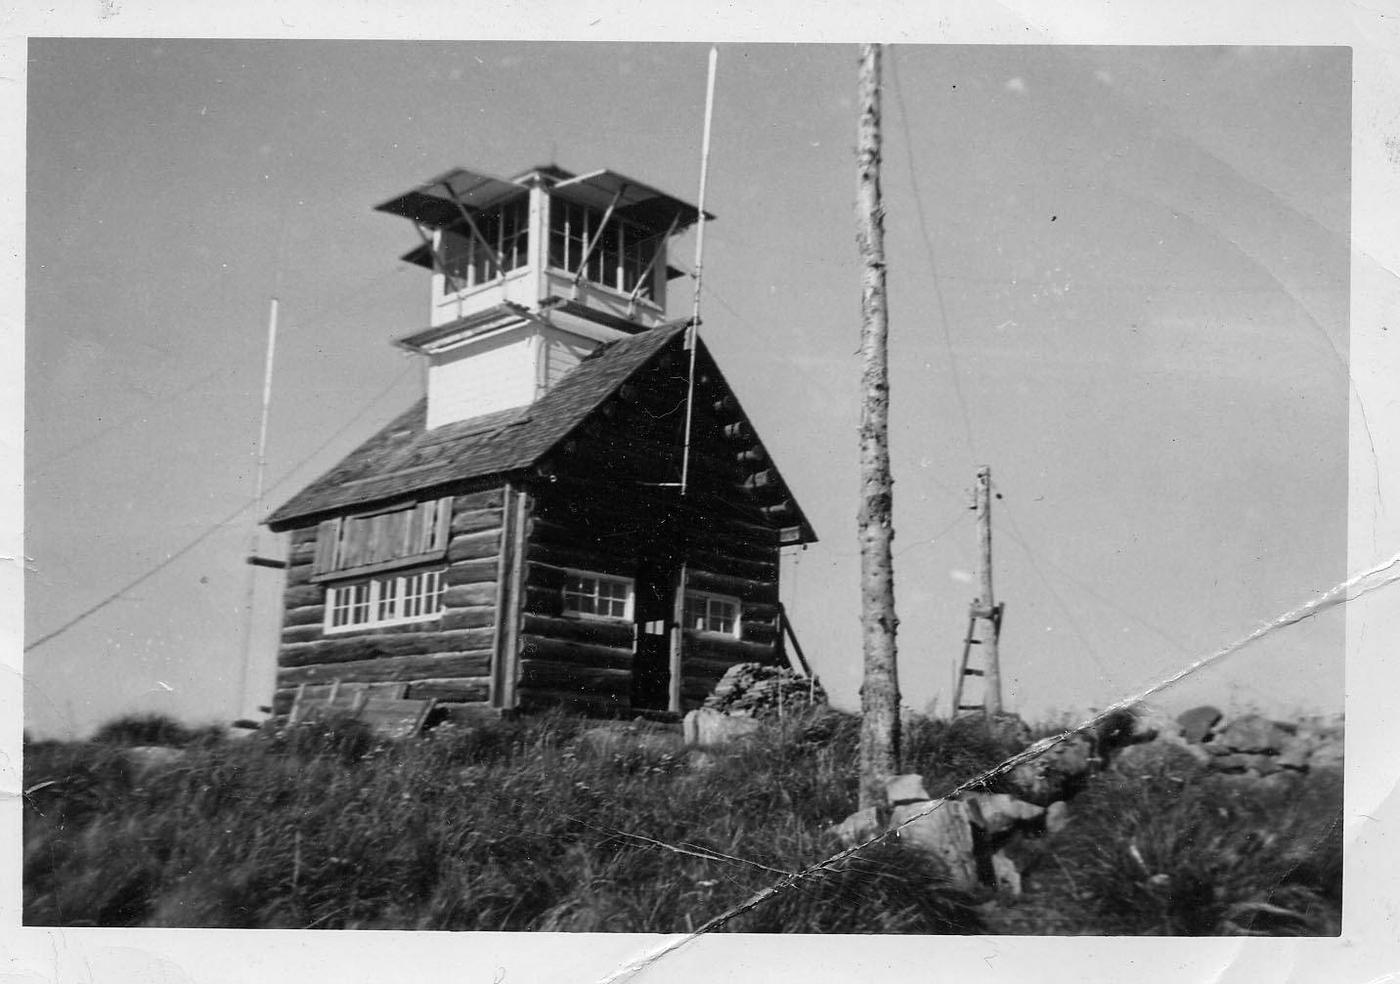 Original Mt. Baldy-Buckhorn Ridge Lookout in 1952